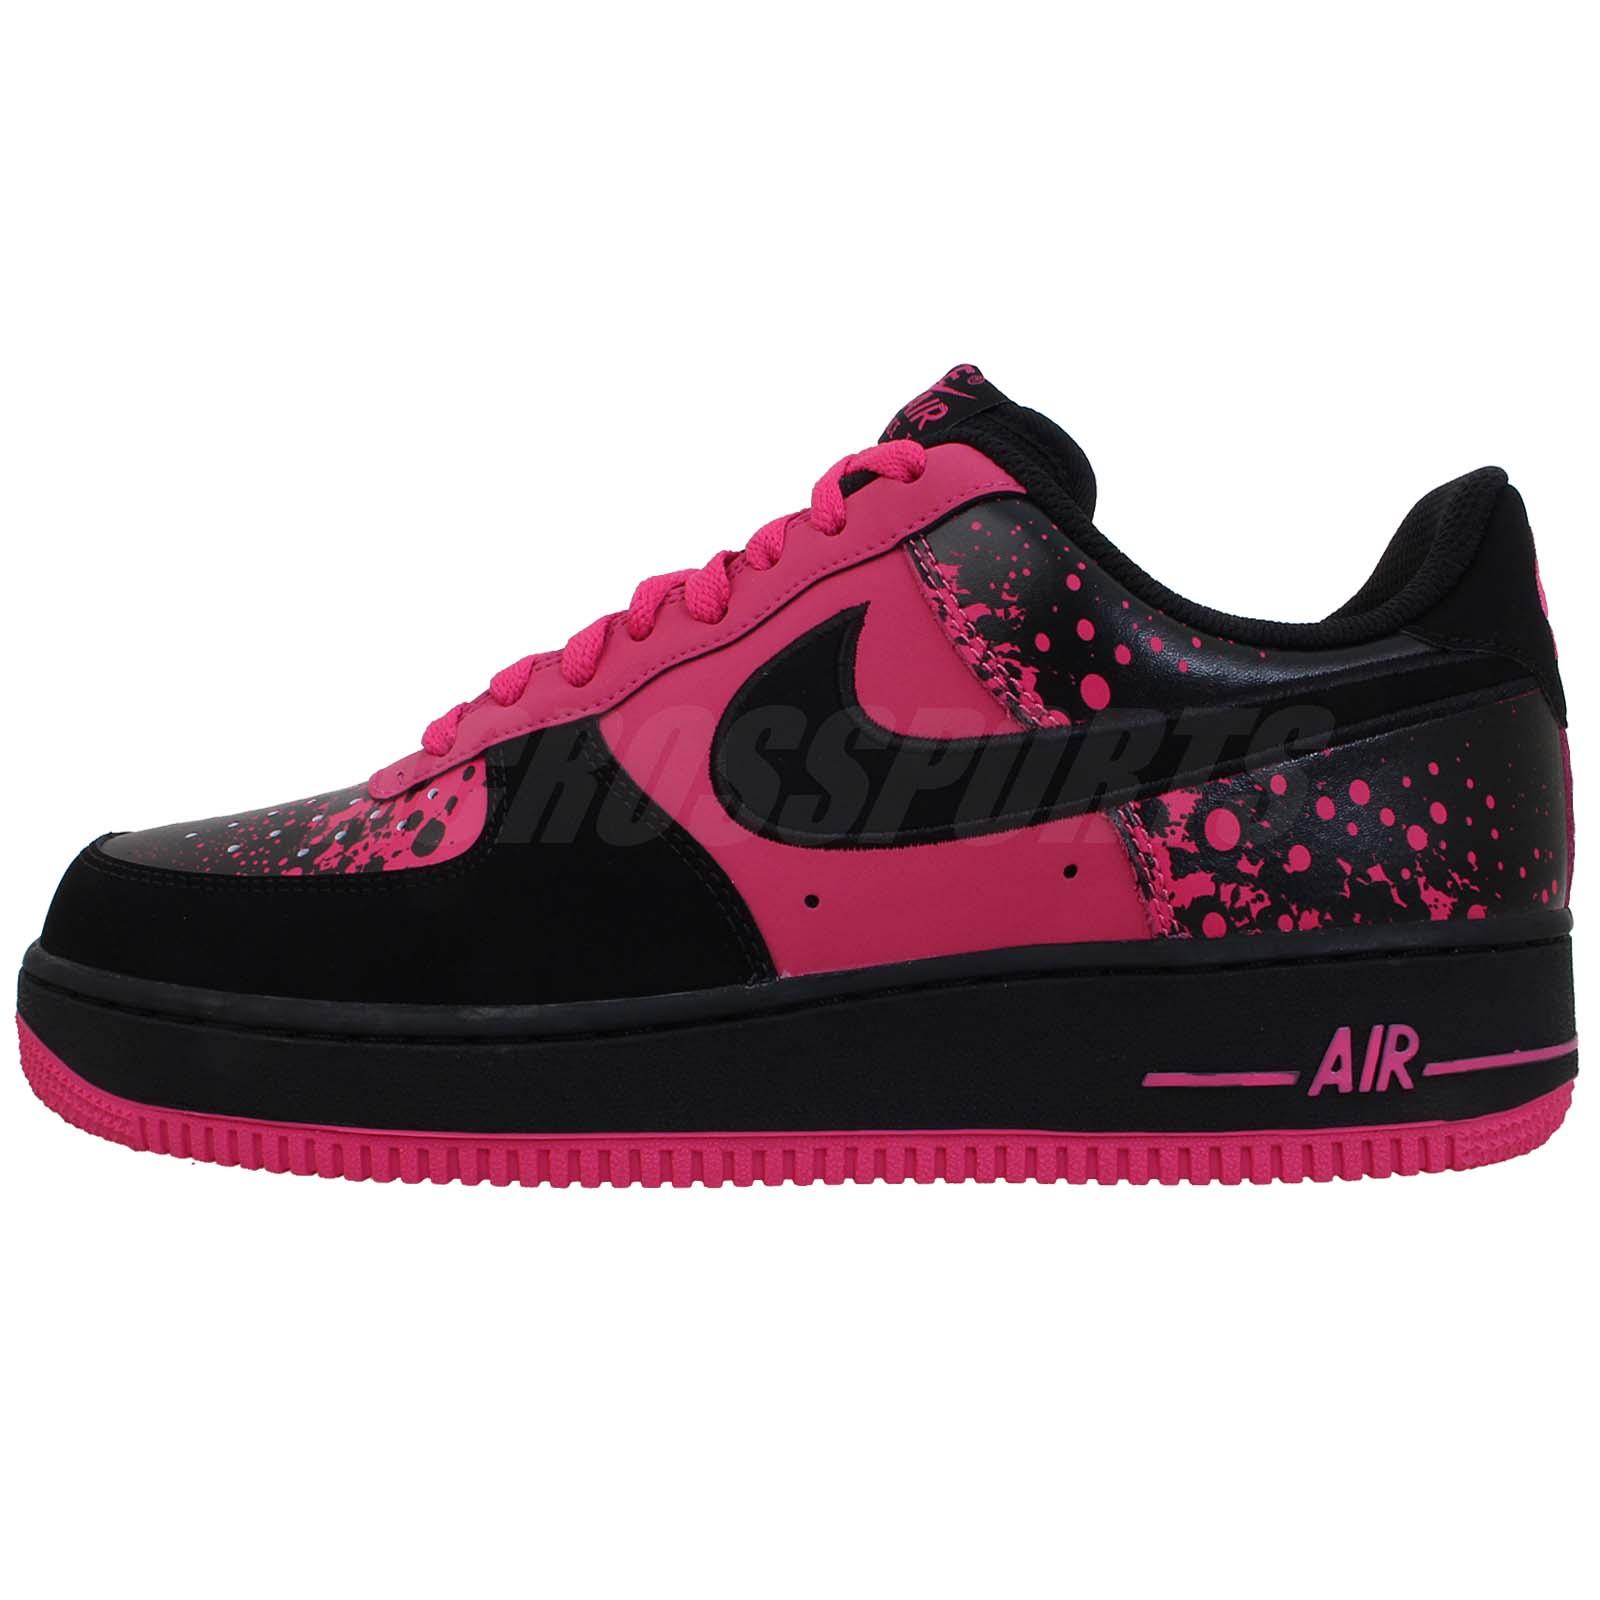 nike air force 1 lava splatter pink black mens classic. Black Bedroom Furniture Sets. Home Design Ideas